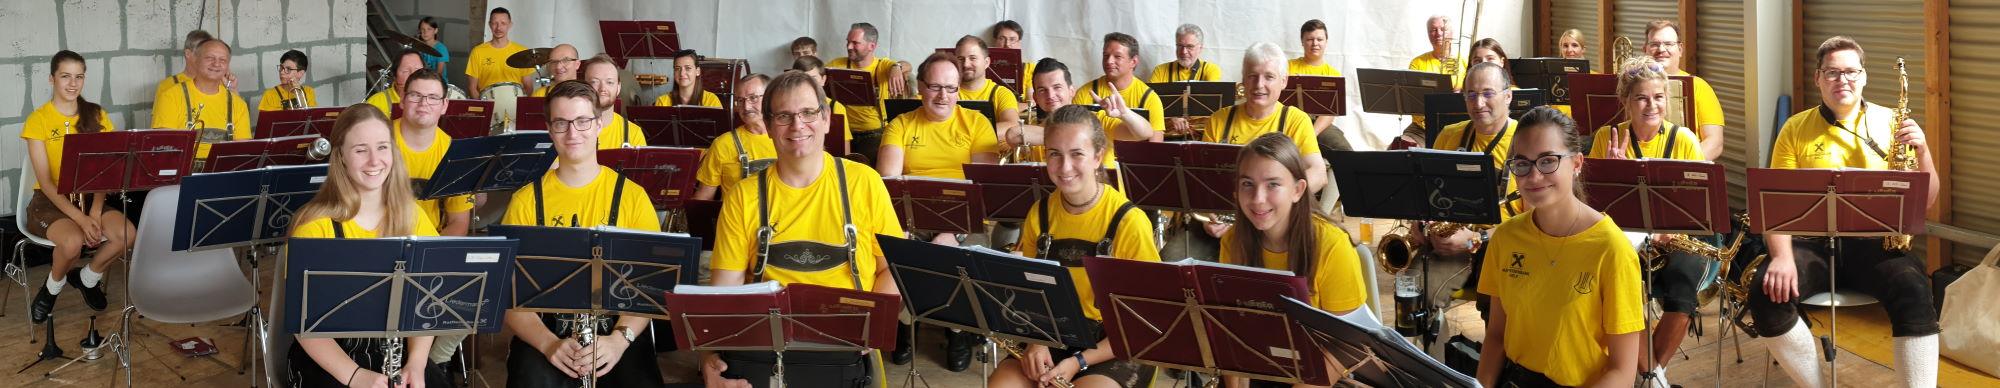 Musikverein Krenglbach beim B137 - Das SVK Hallenfest 2019